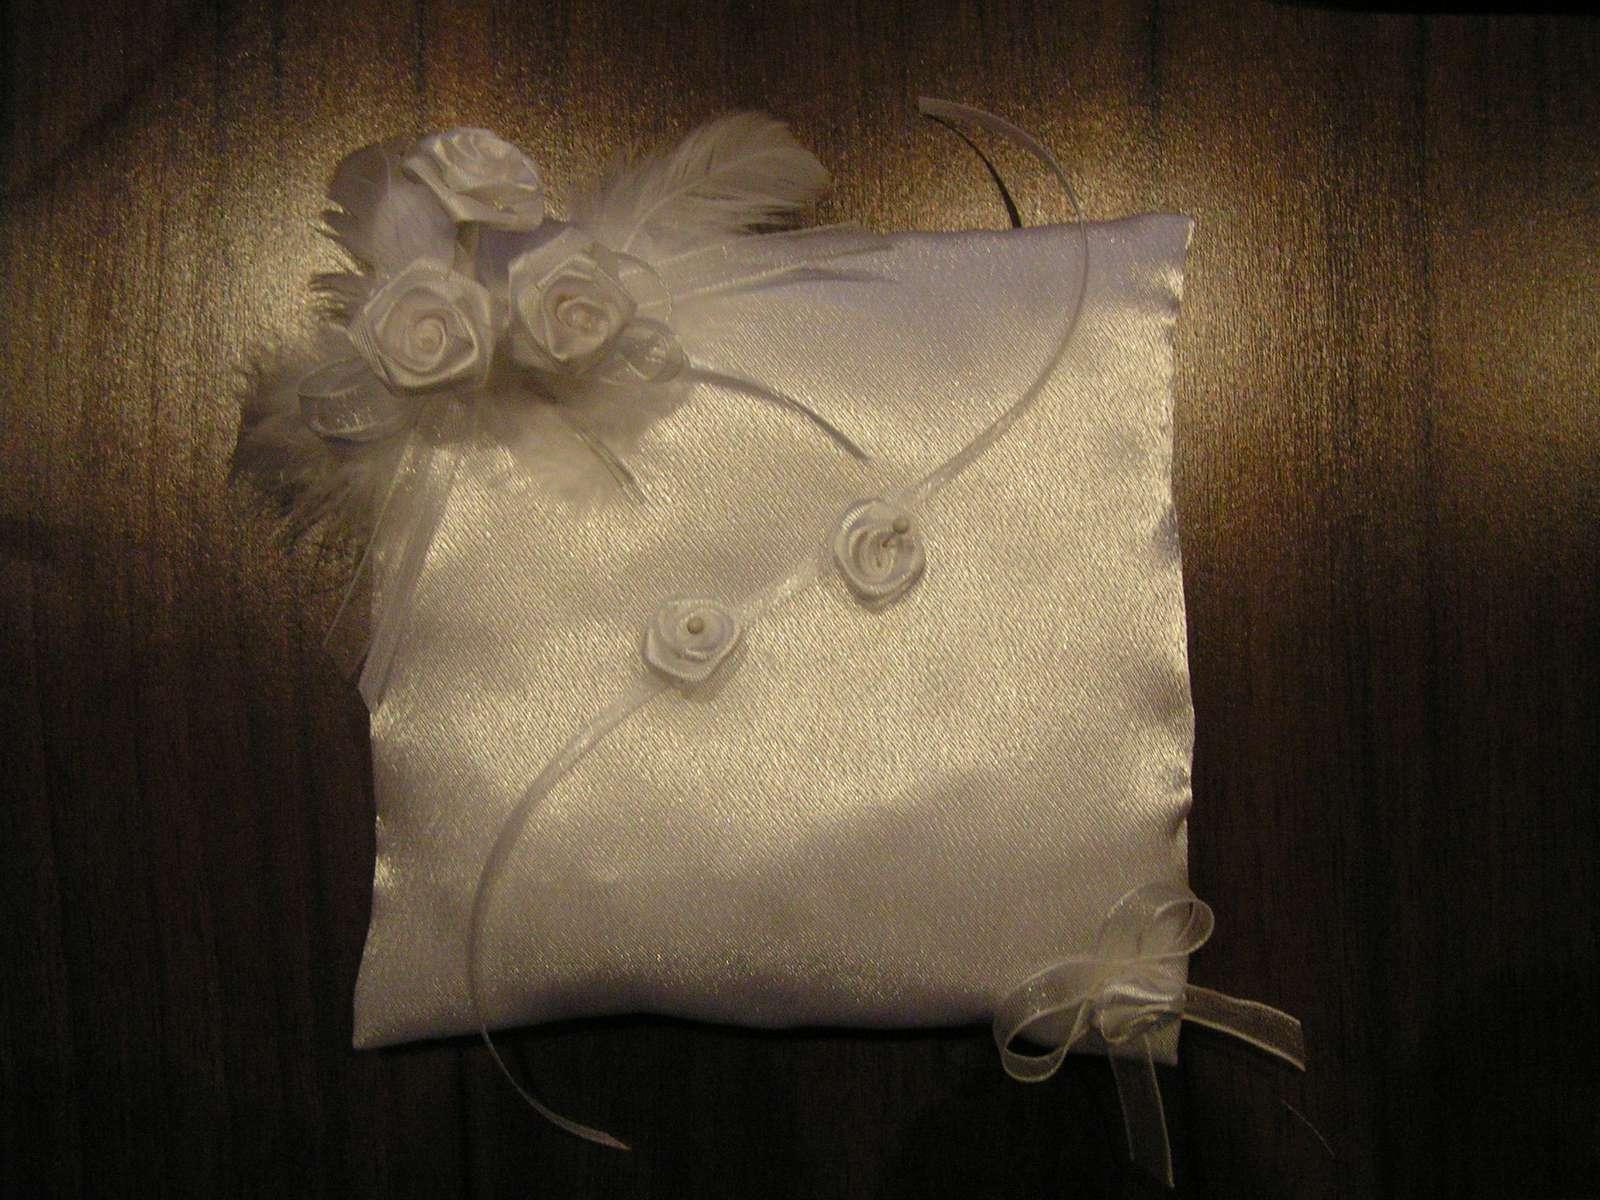 Bílý polštářek pod prstýnky - Obrázek č. 1